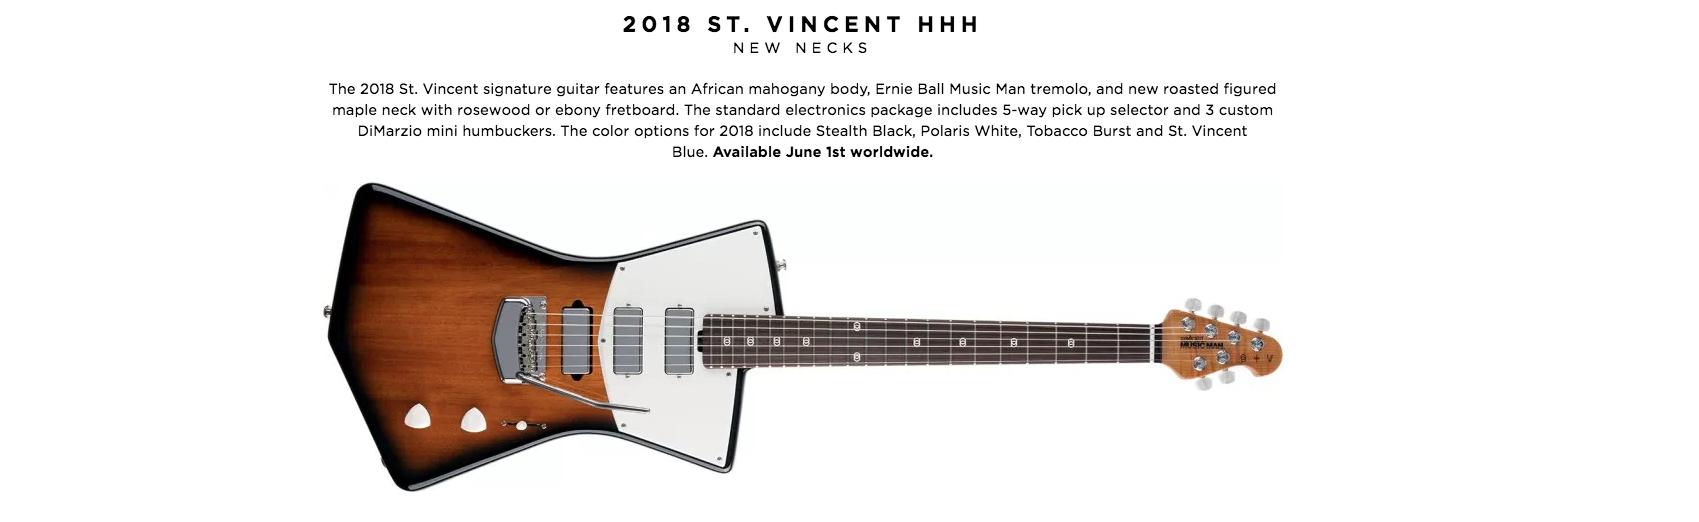 2018 ST. VINCENT HHH